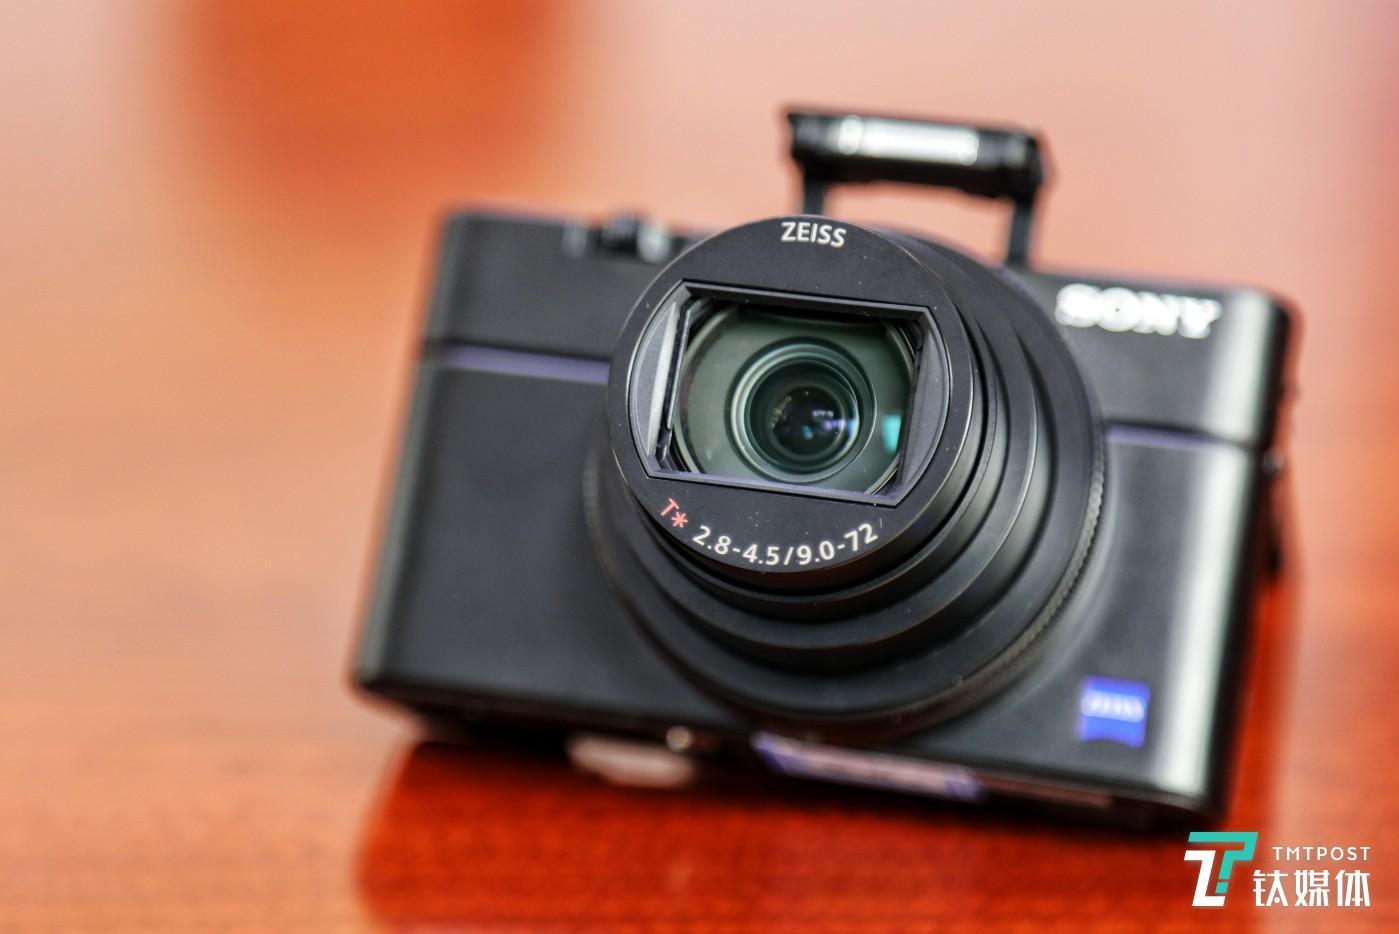 一.蔡司Vario-Sonnar T* 24-200mm*1 F2.8-F4.5镜头